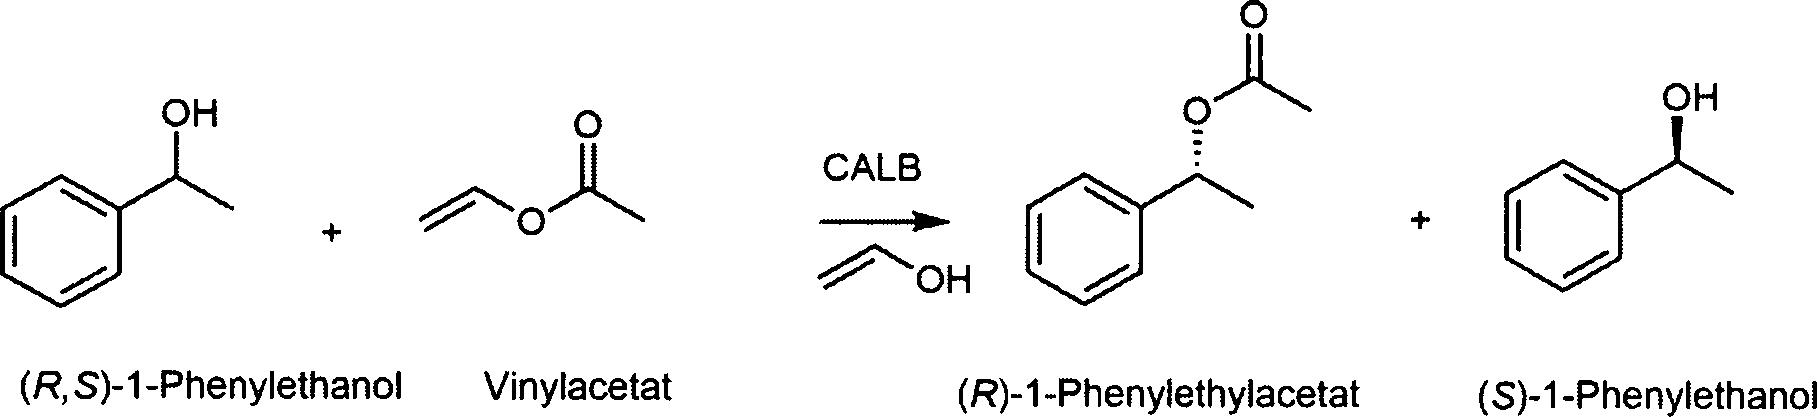 Figure DE102015113522A1_0004